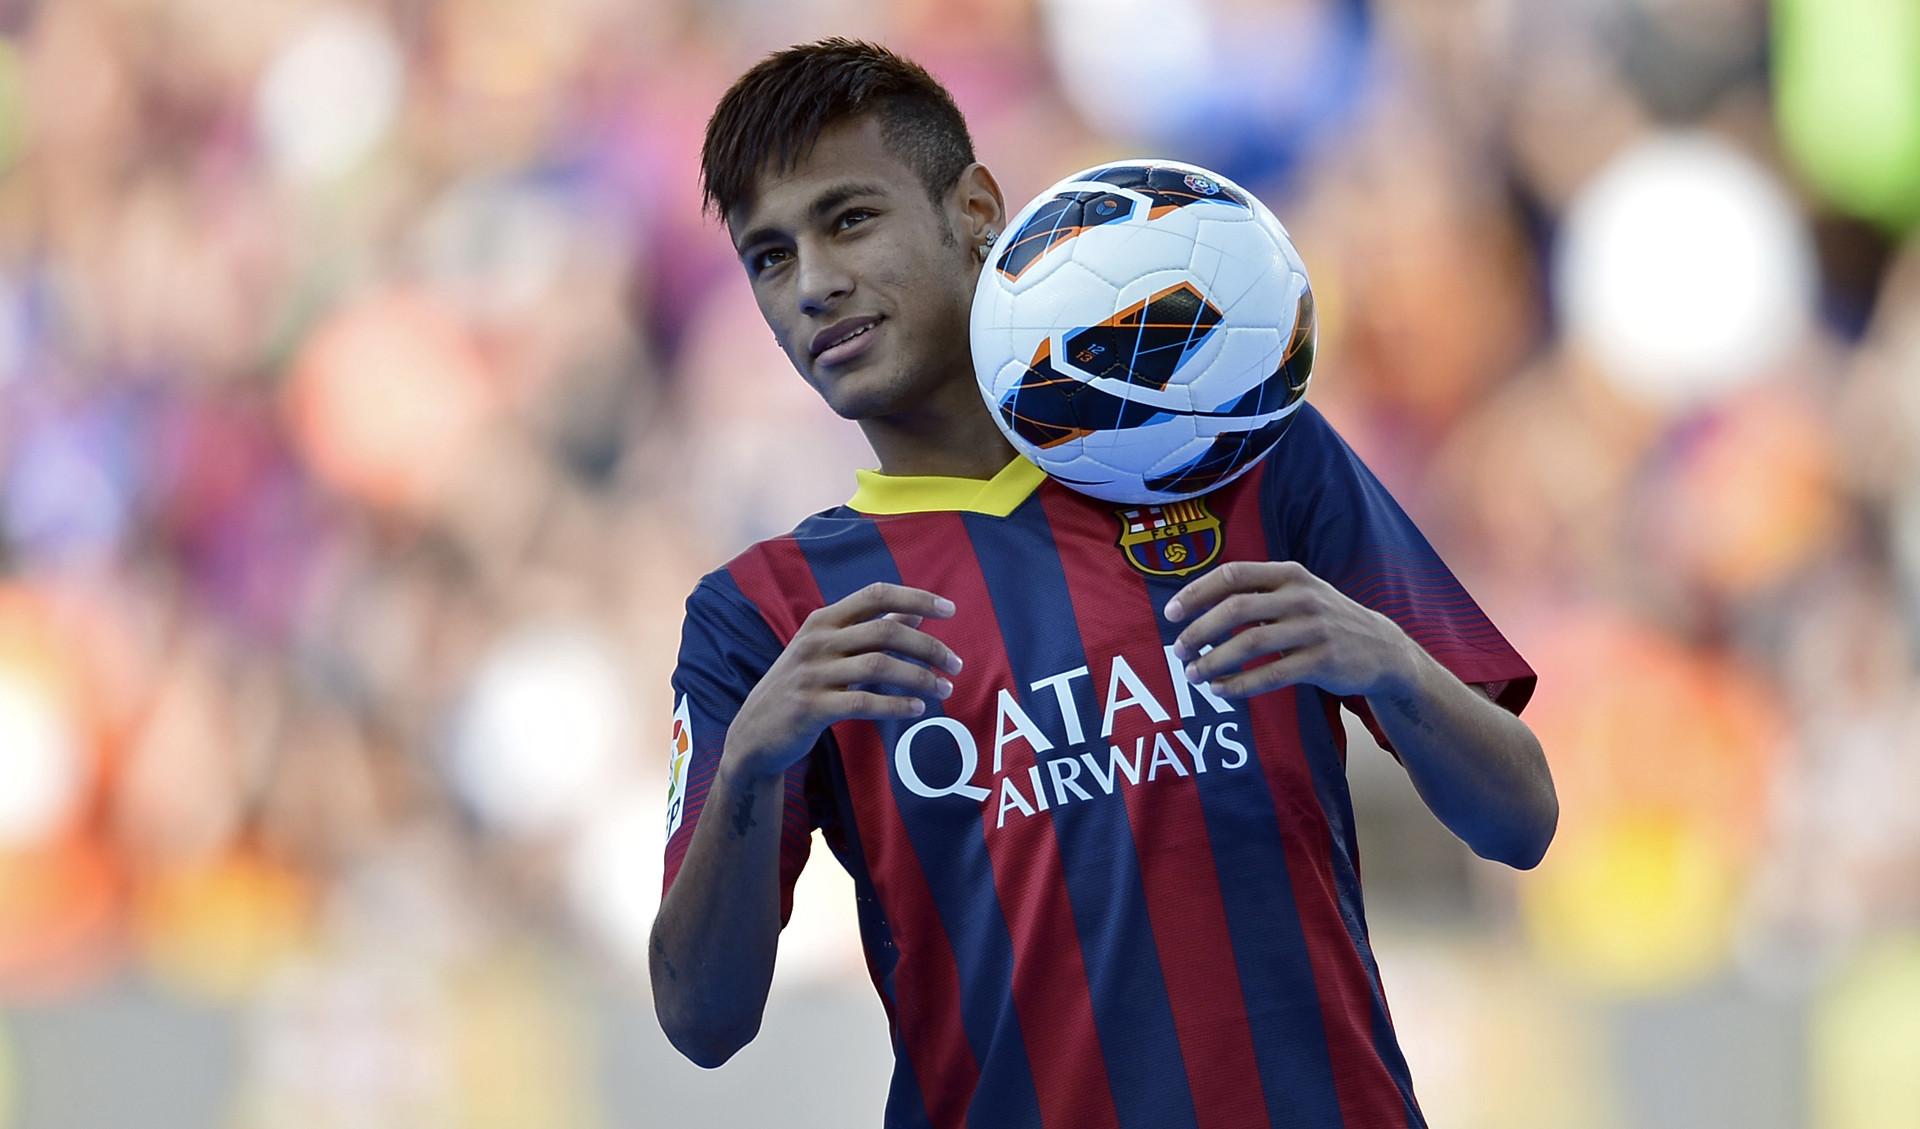 Neymar wearing Barcelona's new jersey in 2013-2014